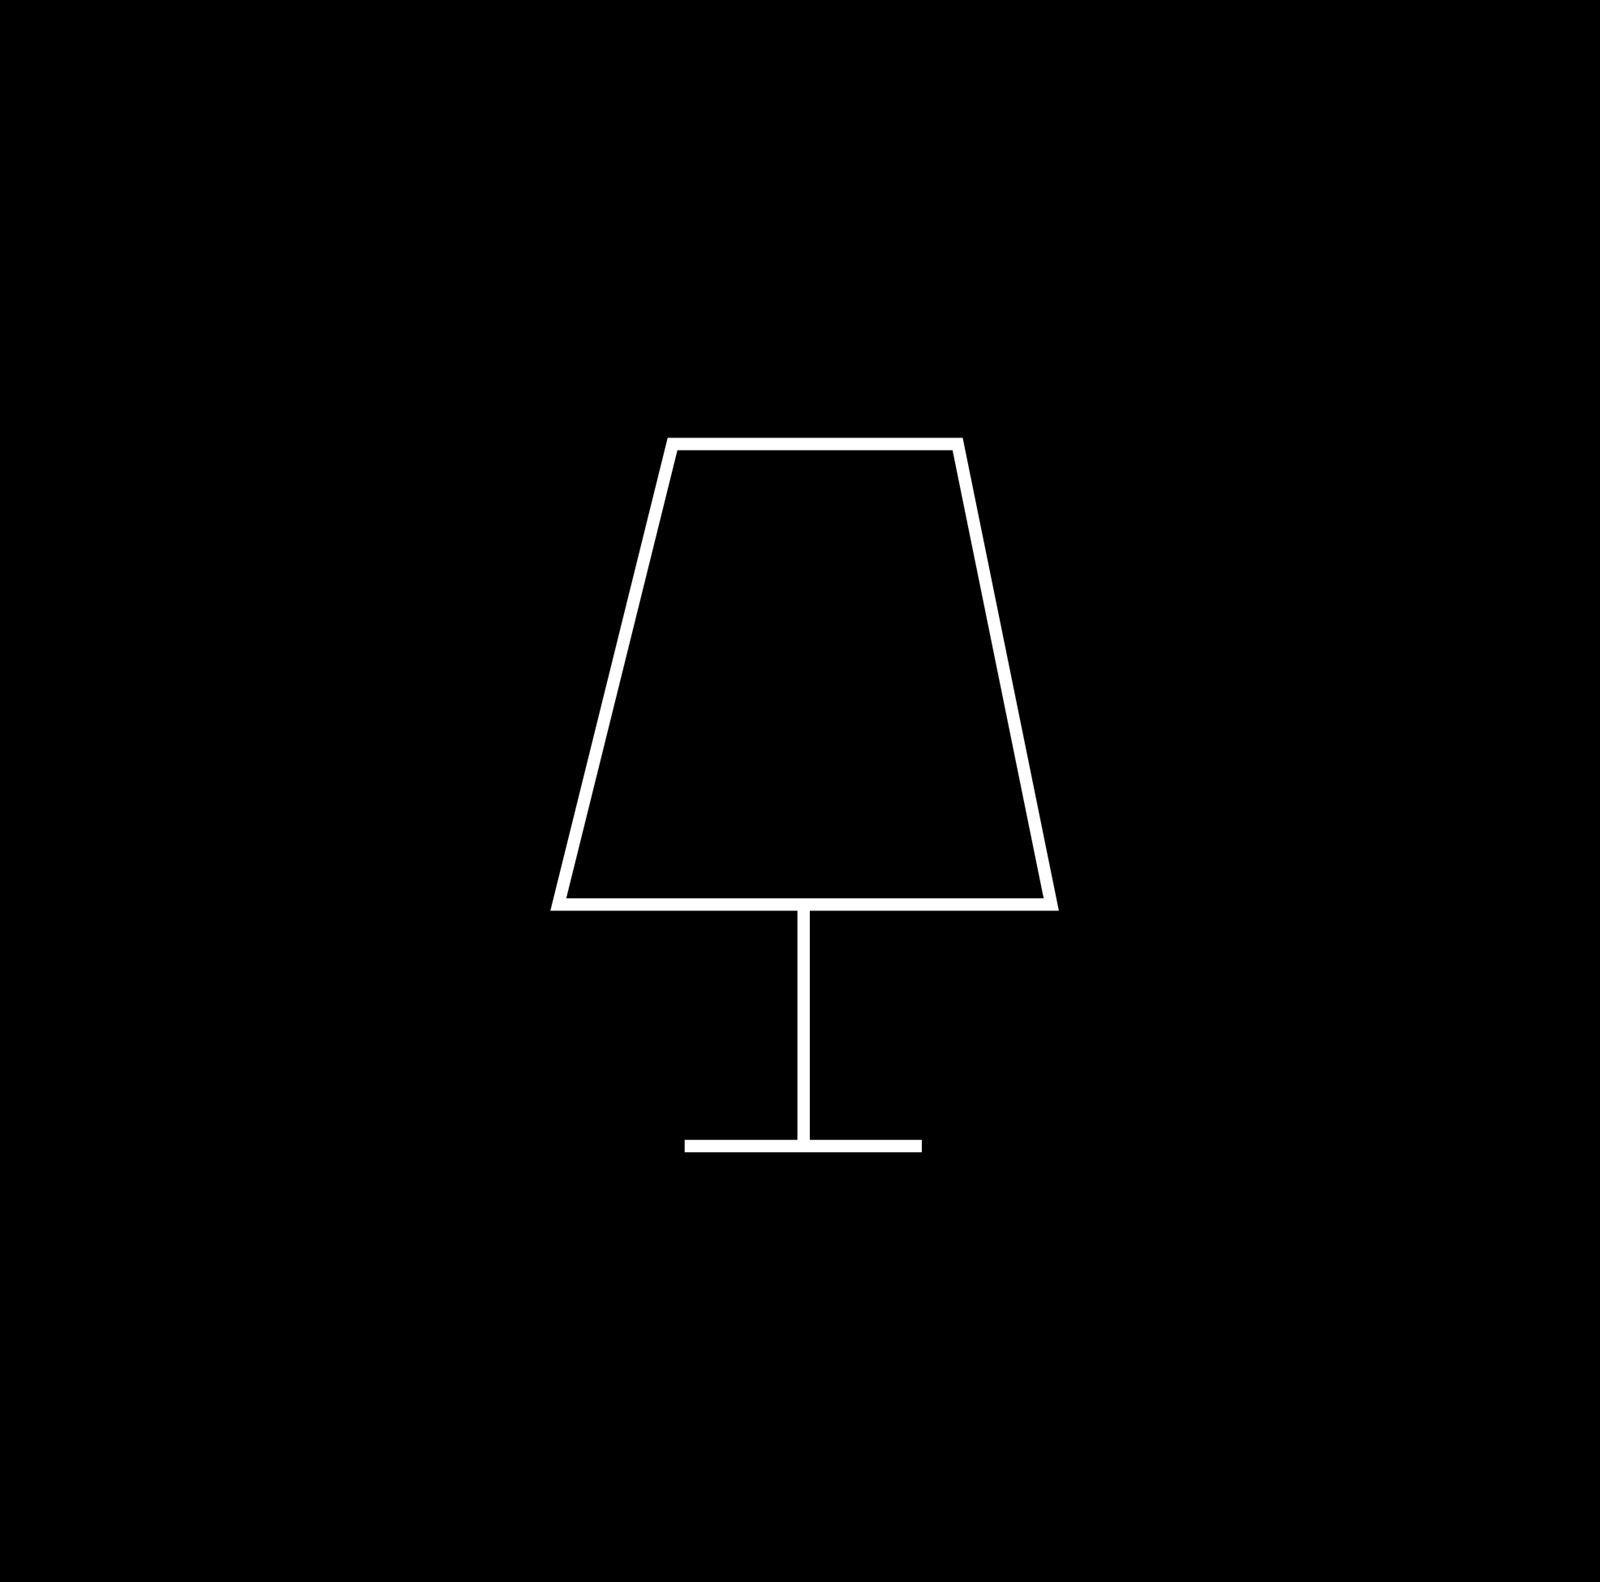 גופי תאורה בקטגוריית - מנורות שולחן